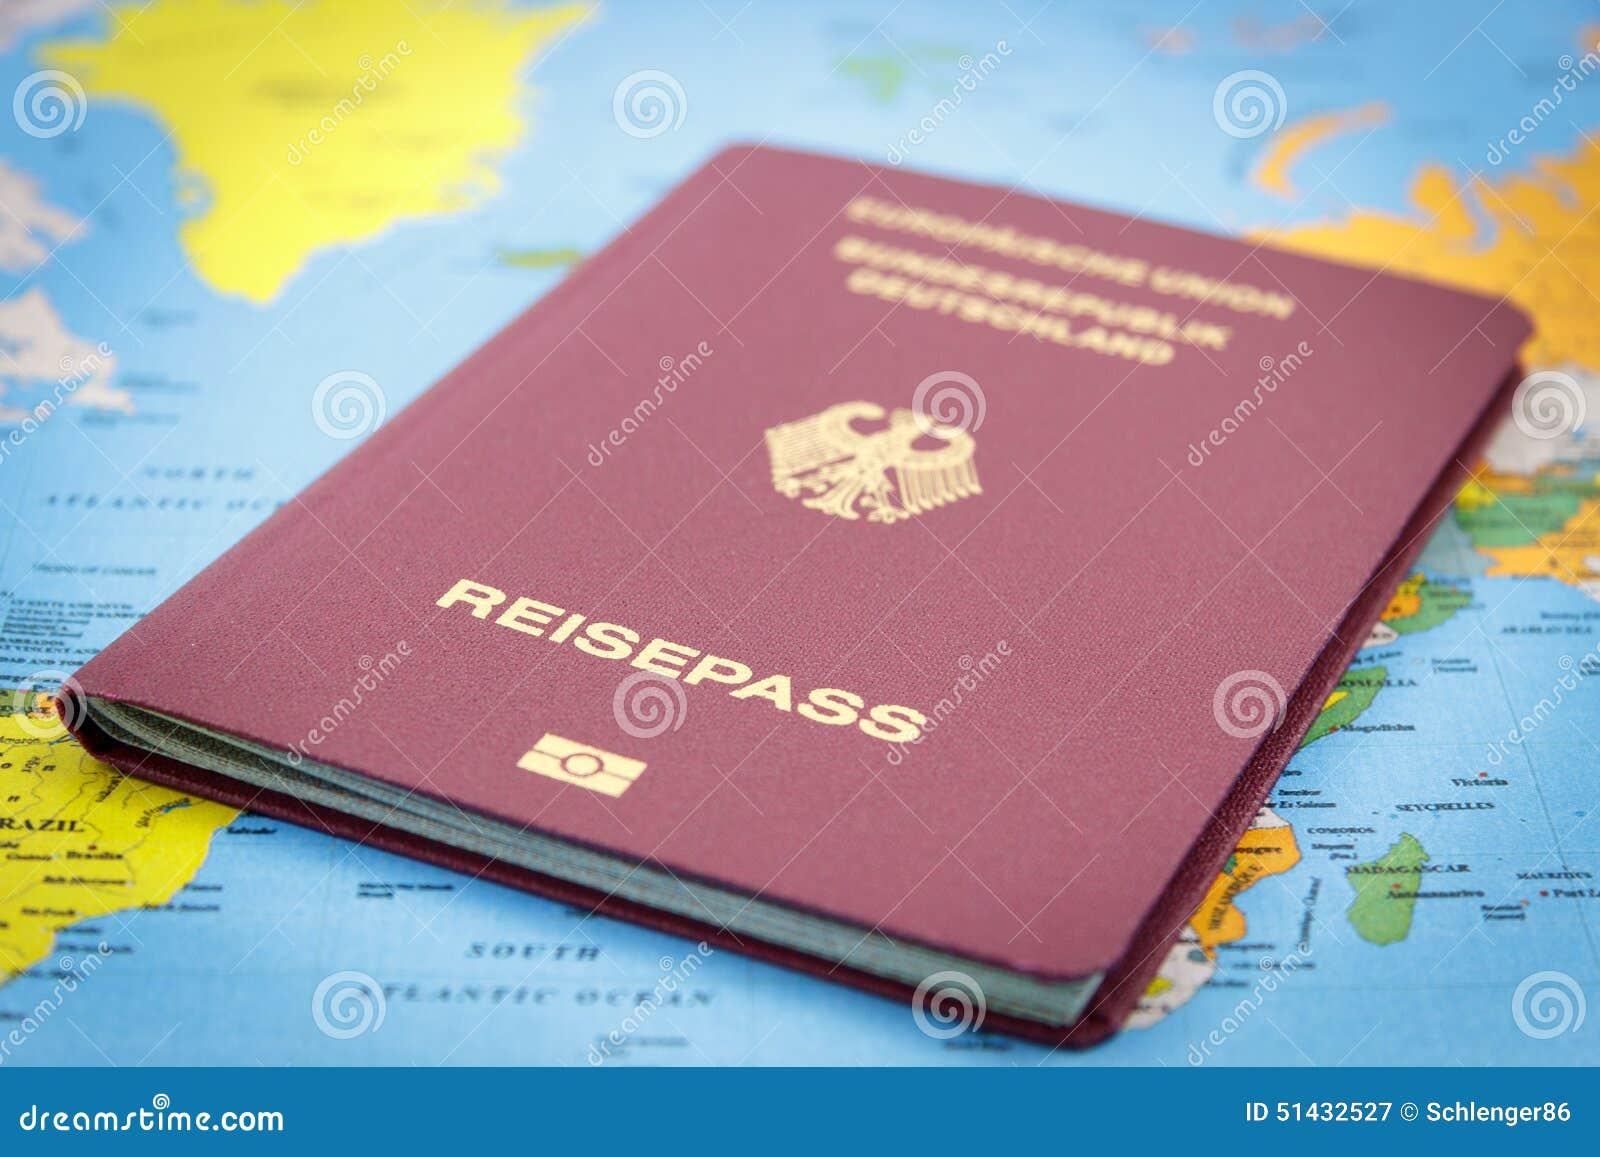 Passaporte E Mapa Do Mundo Alemães Foto de Stock - Imagem